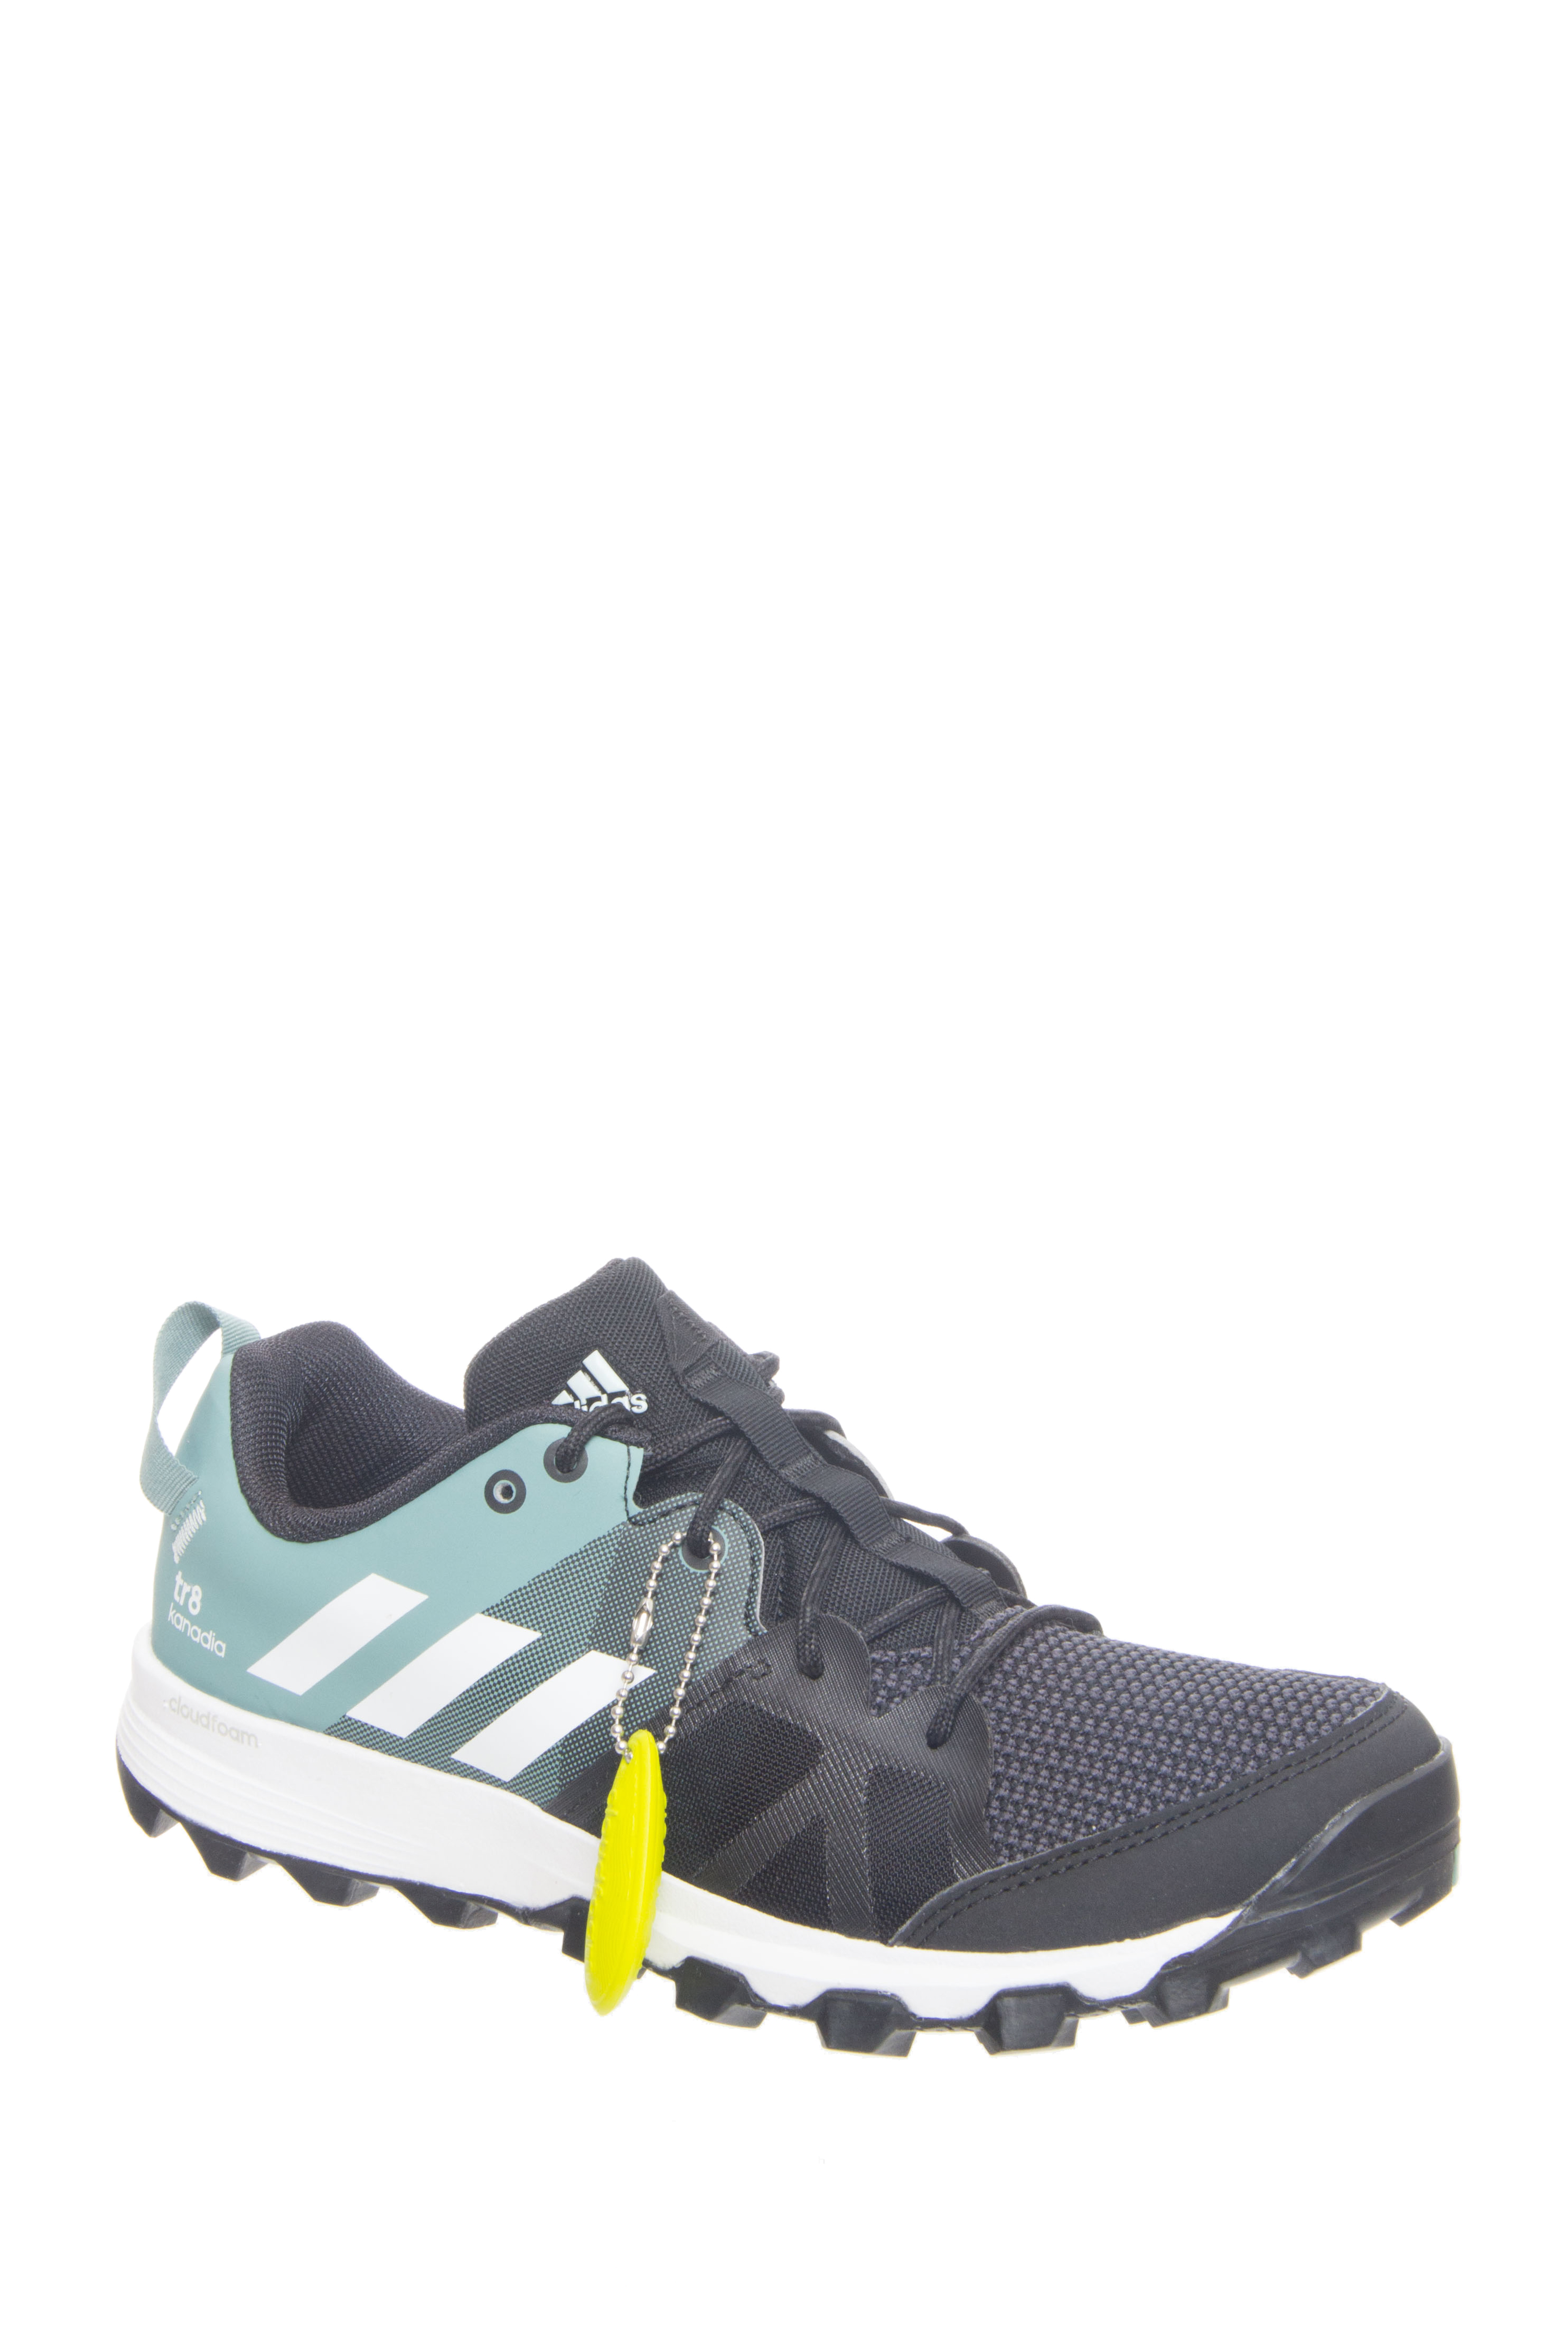 Adidas Outdoor Kanadia 8 TR Low Top Sneakers - Black / Vapour Steel